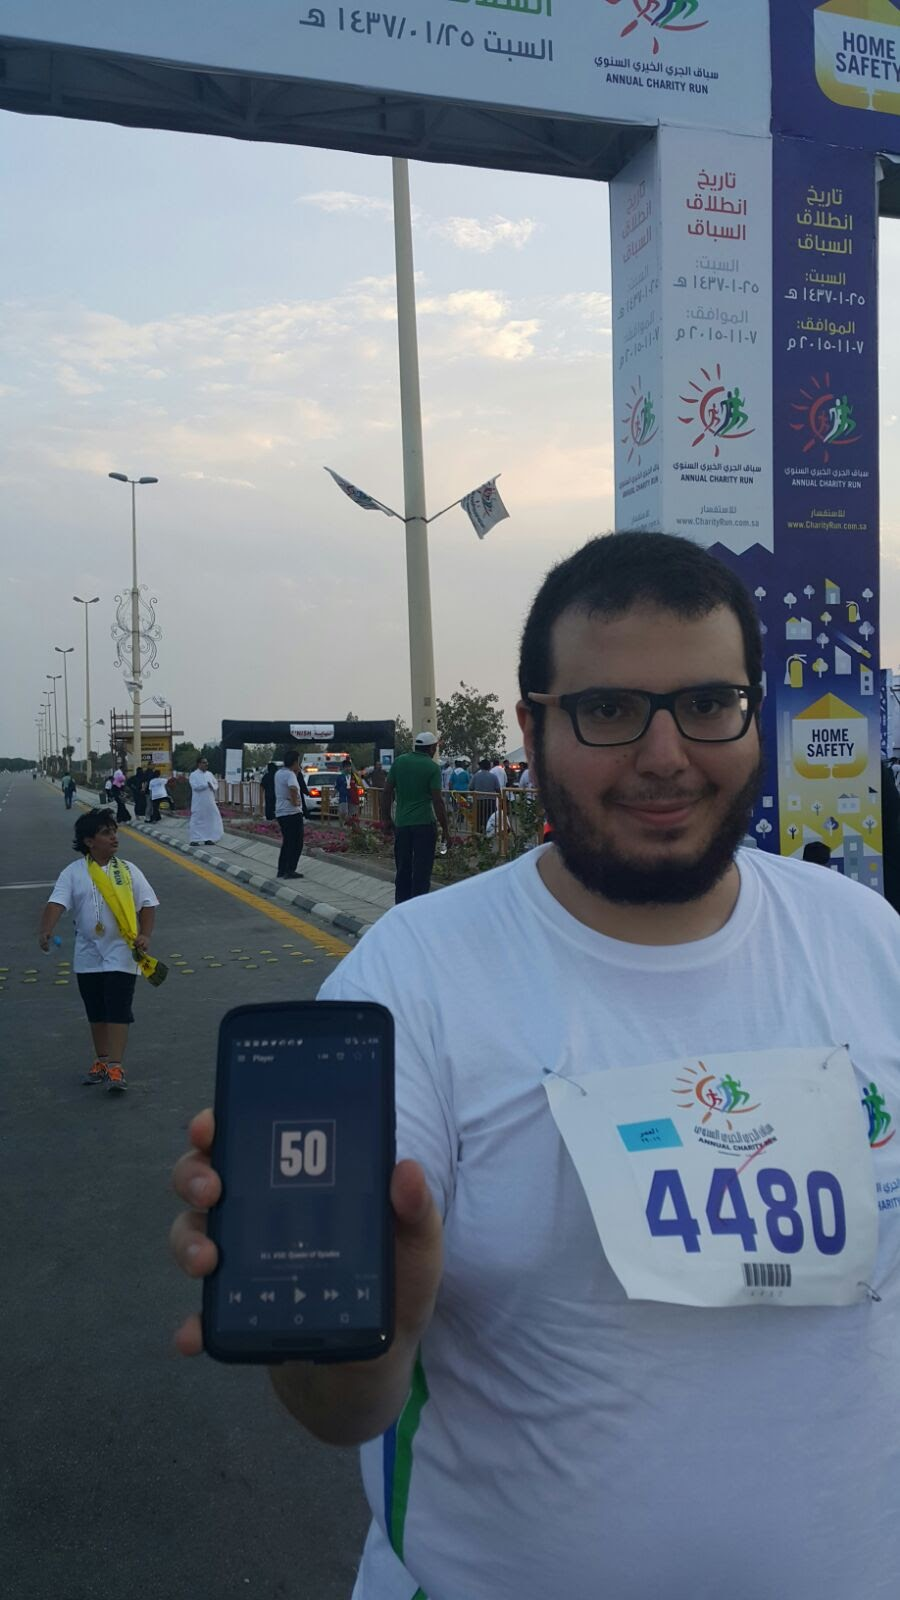 Omar is getting fit in Saudi Arabia